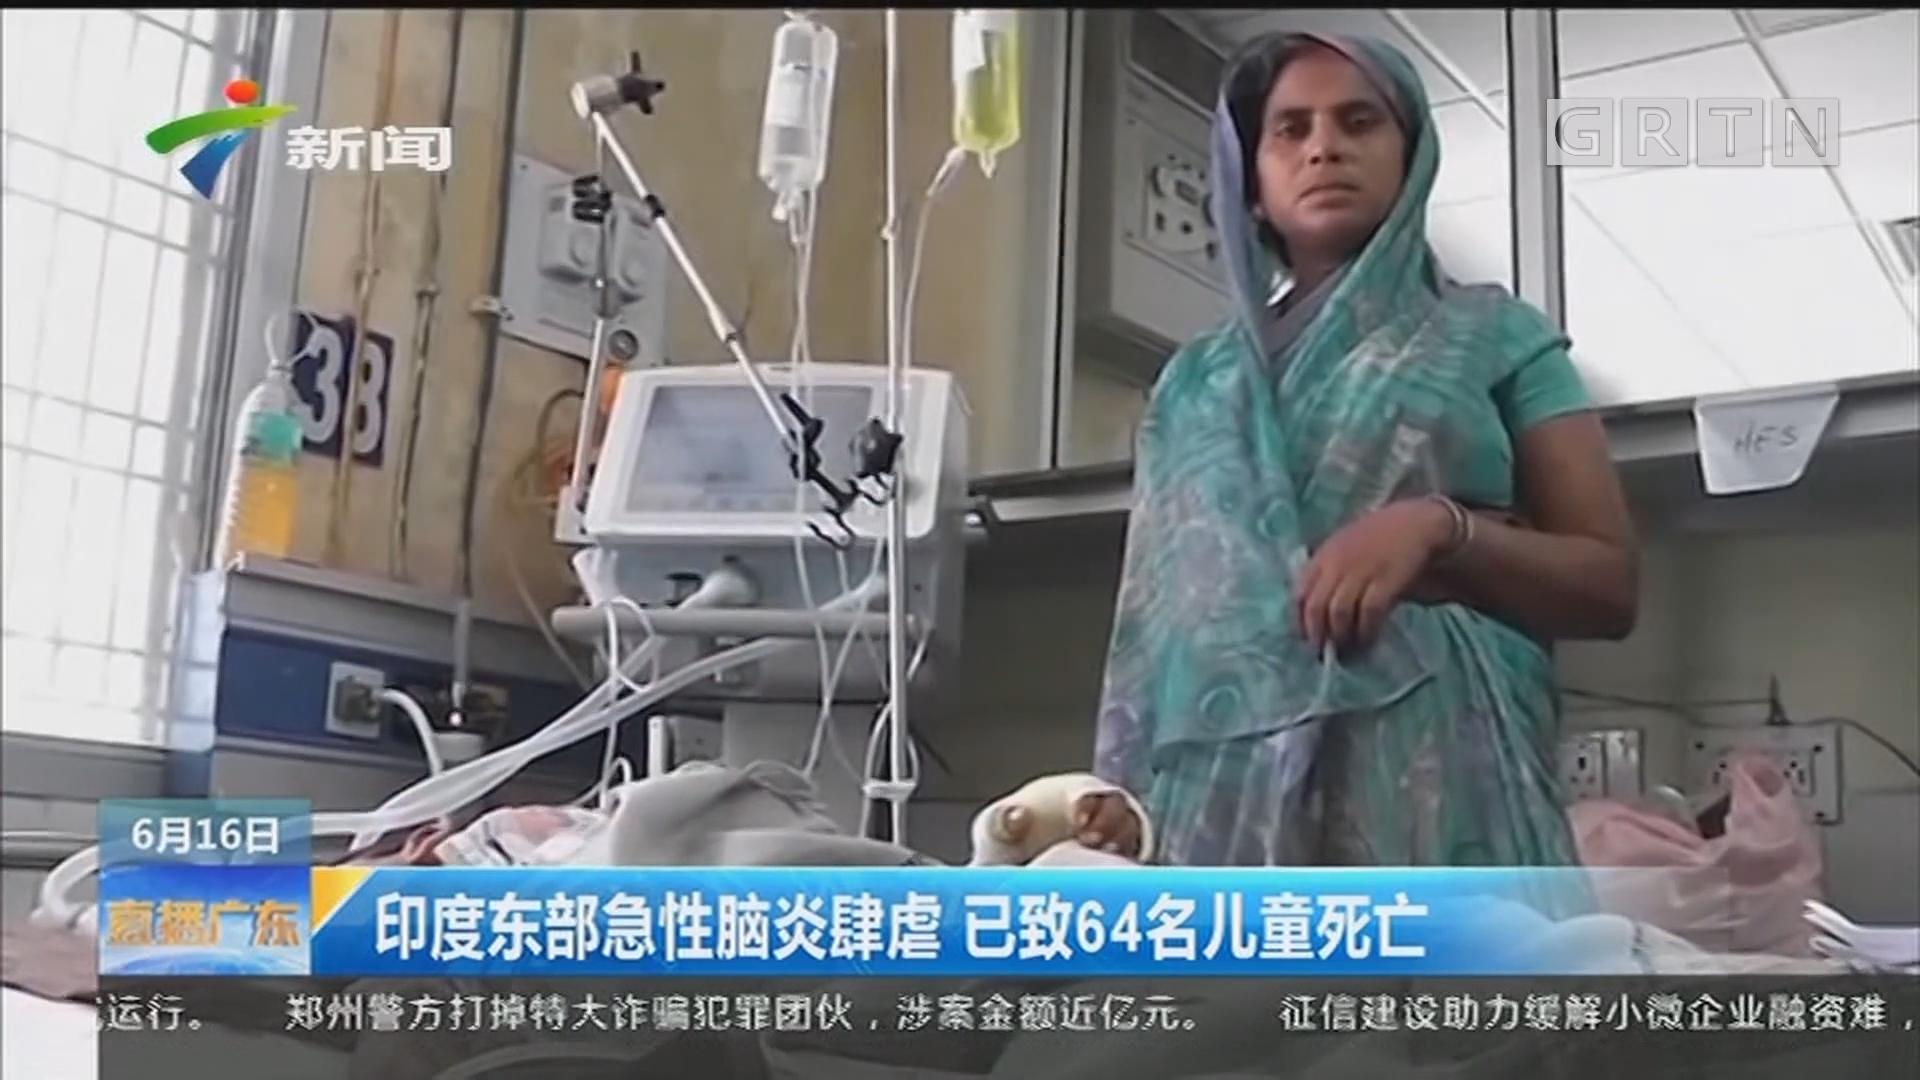 印度东部急性脑炎肆虐 已致64名儿童死亡